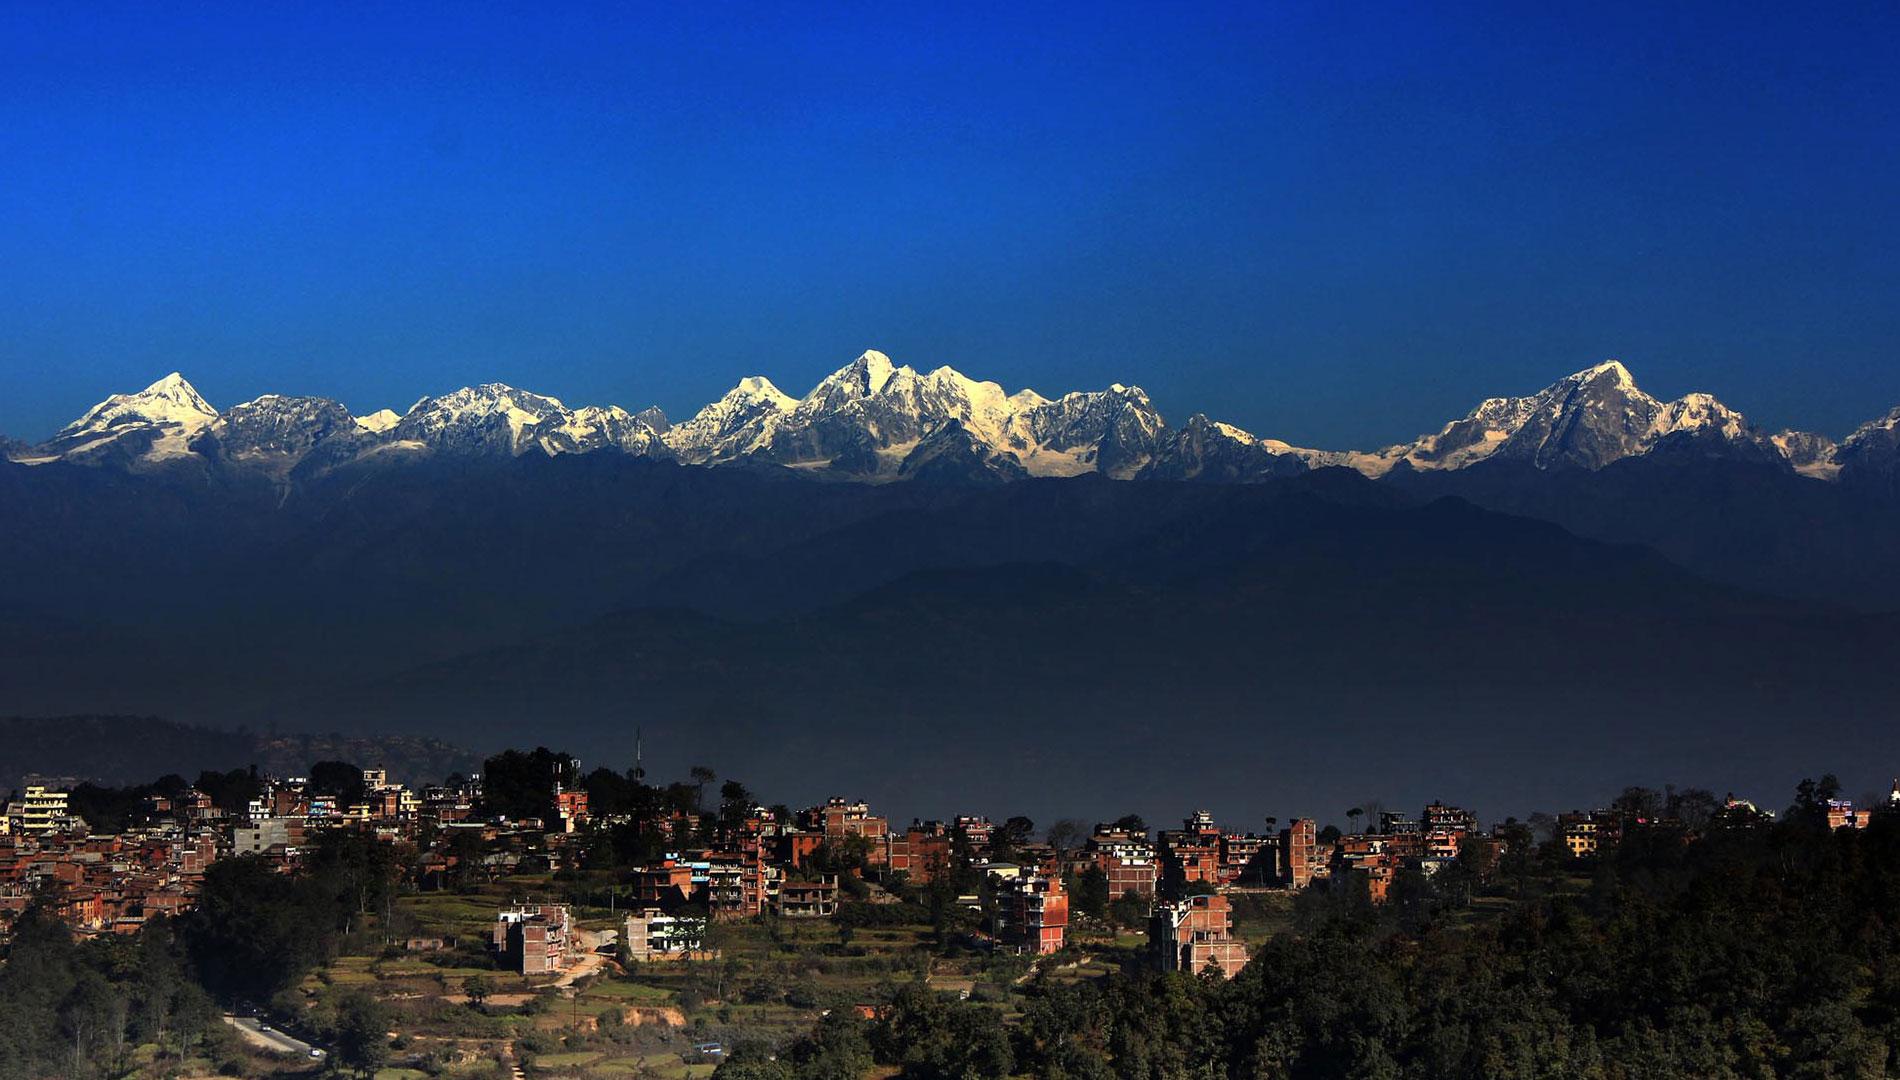 Nagarkot to Dhulikhel One Day Hike